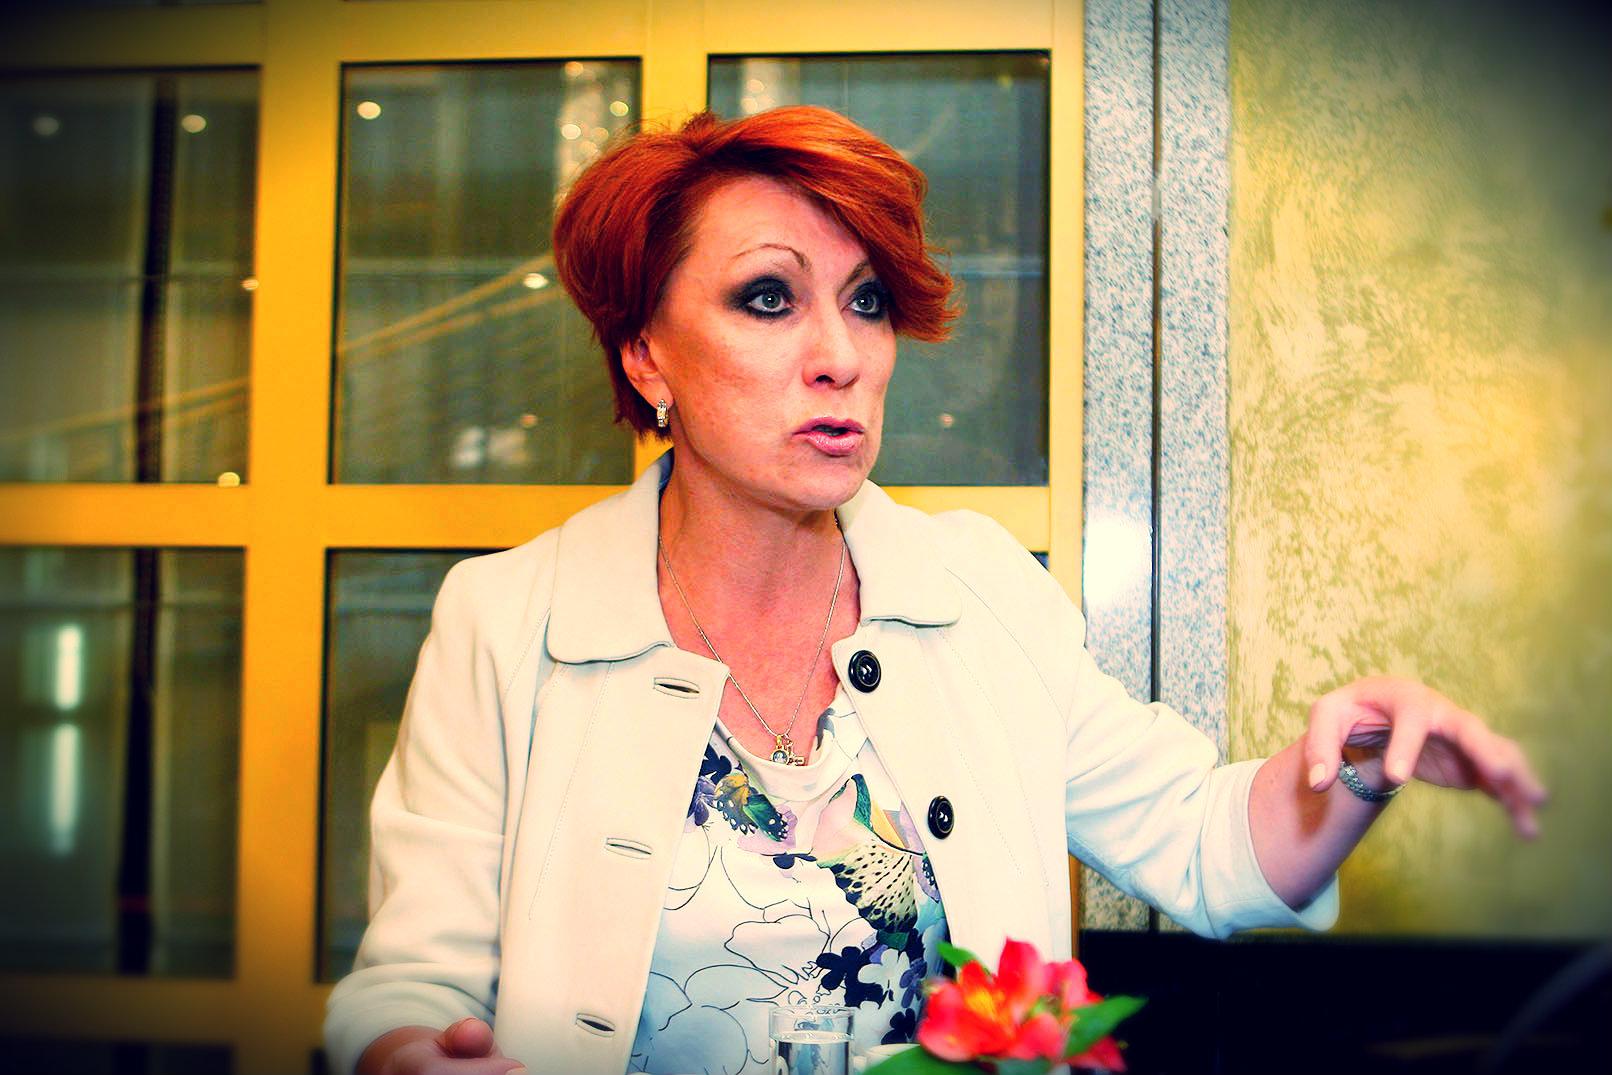 Татьяна Самойлова: «Элтон Джон не должен выступать в зале с пластиковыми стульями»